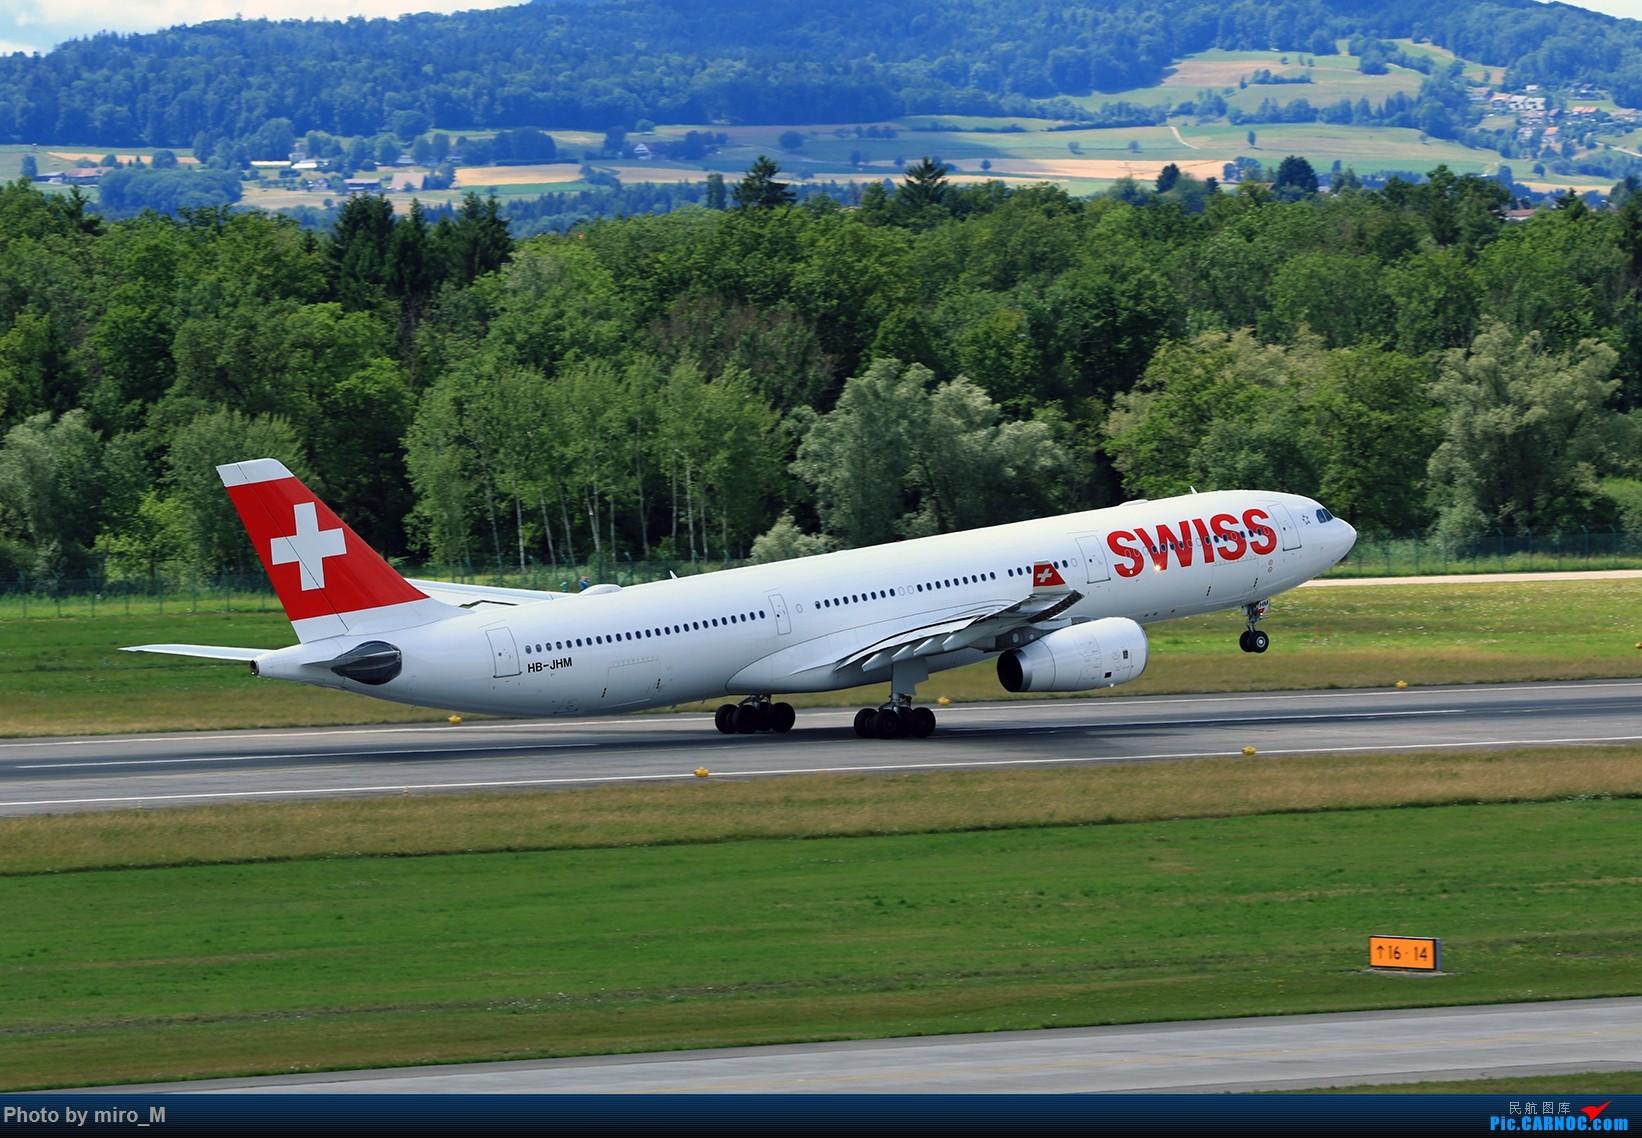 Re:[原创]欧洲浪了一圈,CS100,BAE146,fokker70等新老机型串着飞+ZRH,MUC,FRA,AMS,TLS拍机 AIRBUS A330-300 HB-JHM ZRH